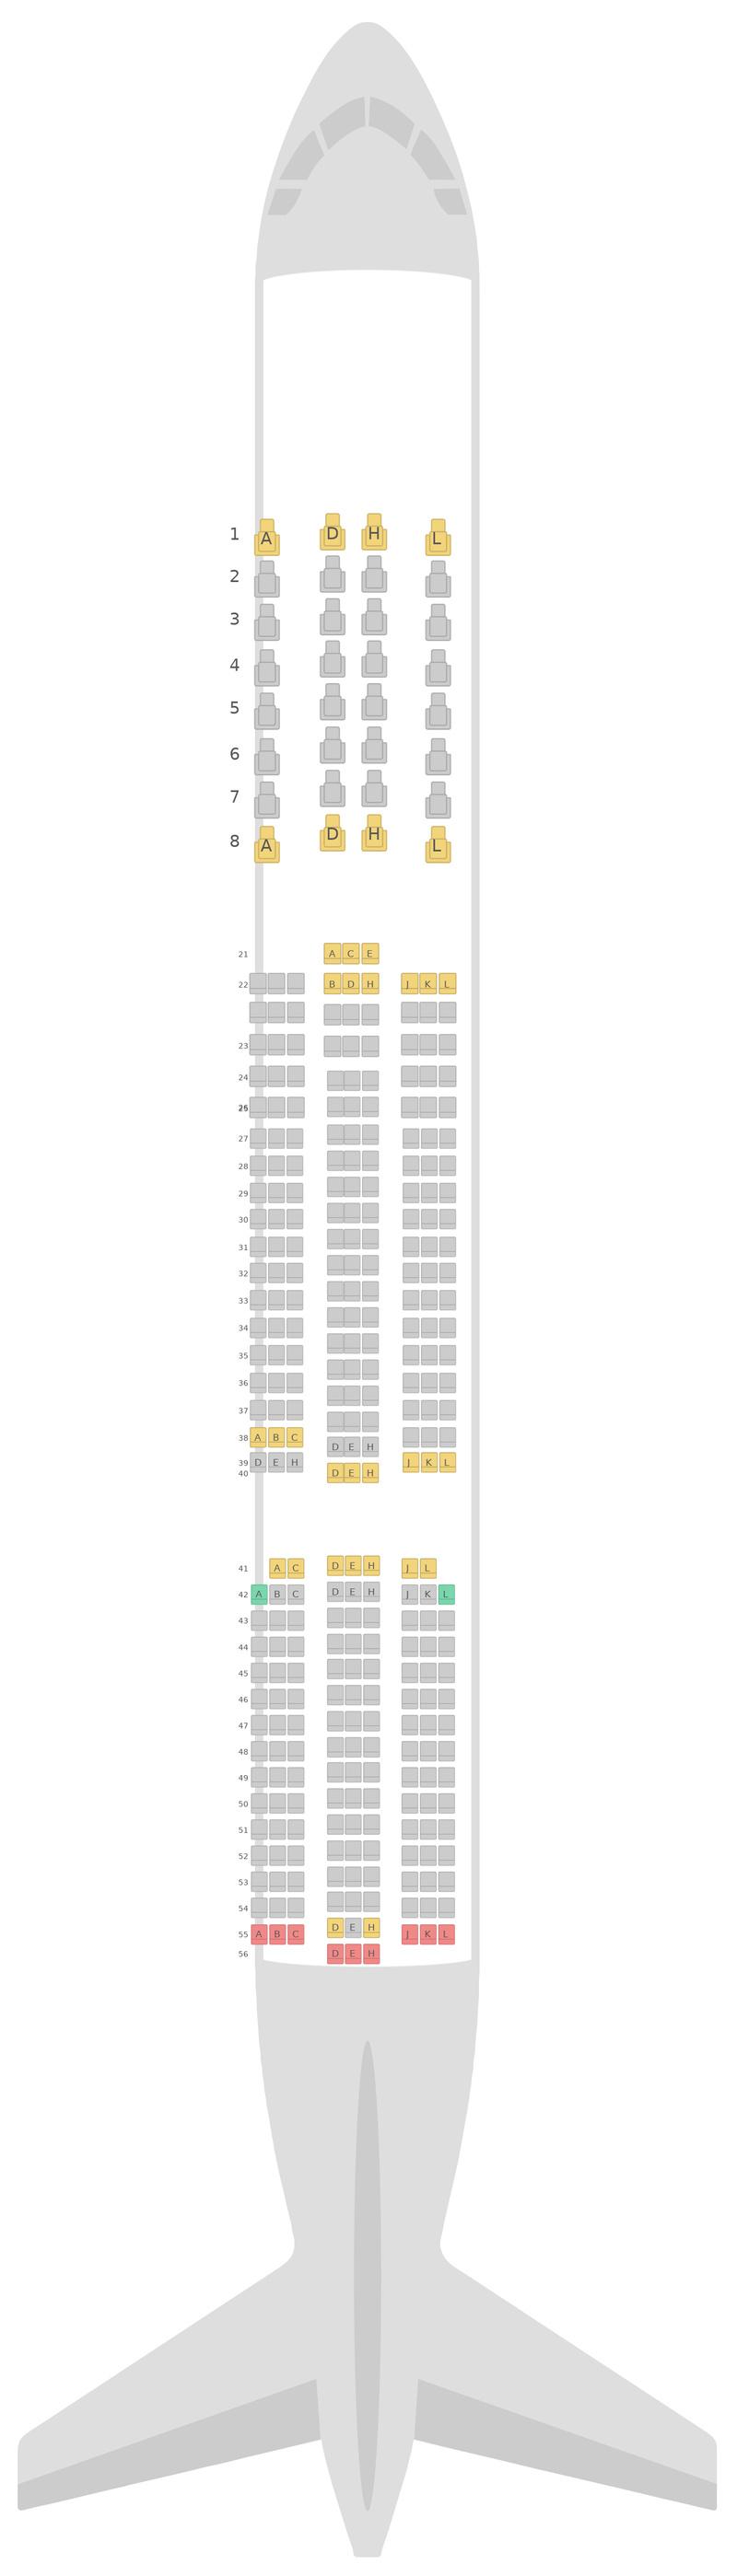 Mapa de asientos Airbus A350-900 (359) v2 Finnair